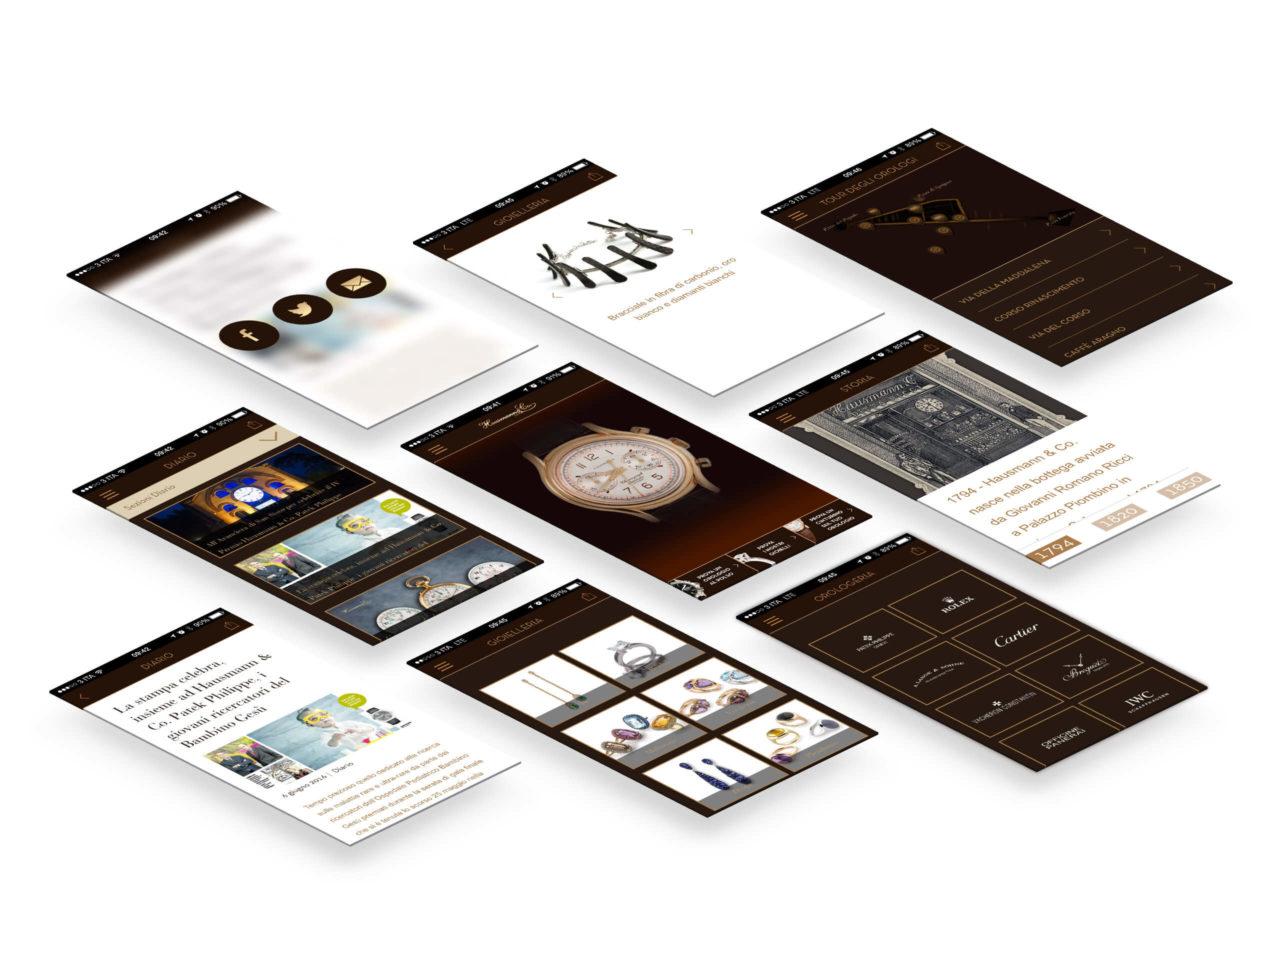 hausmann-app-screenshots